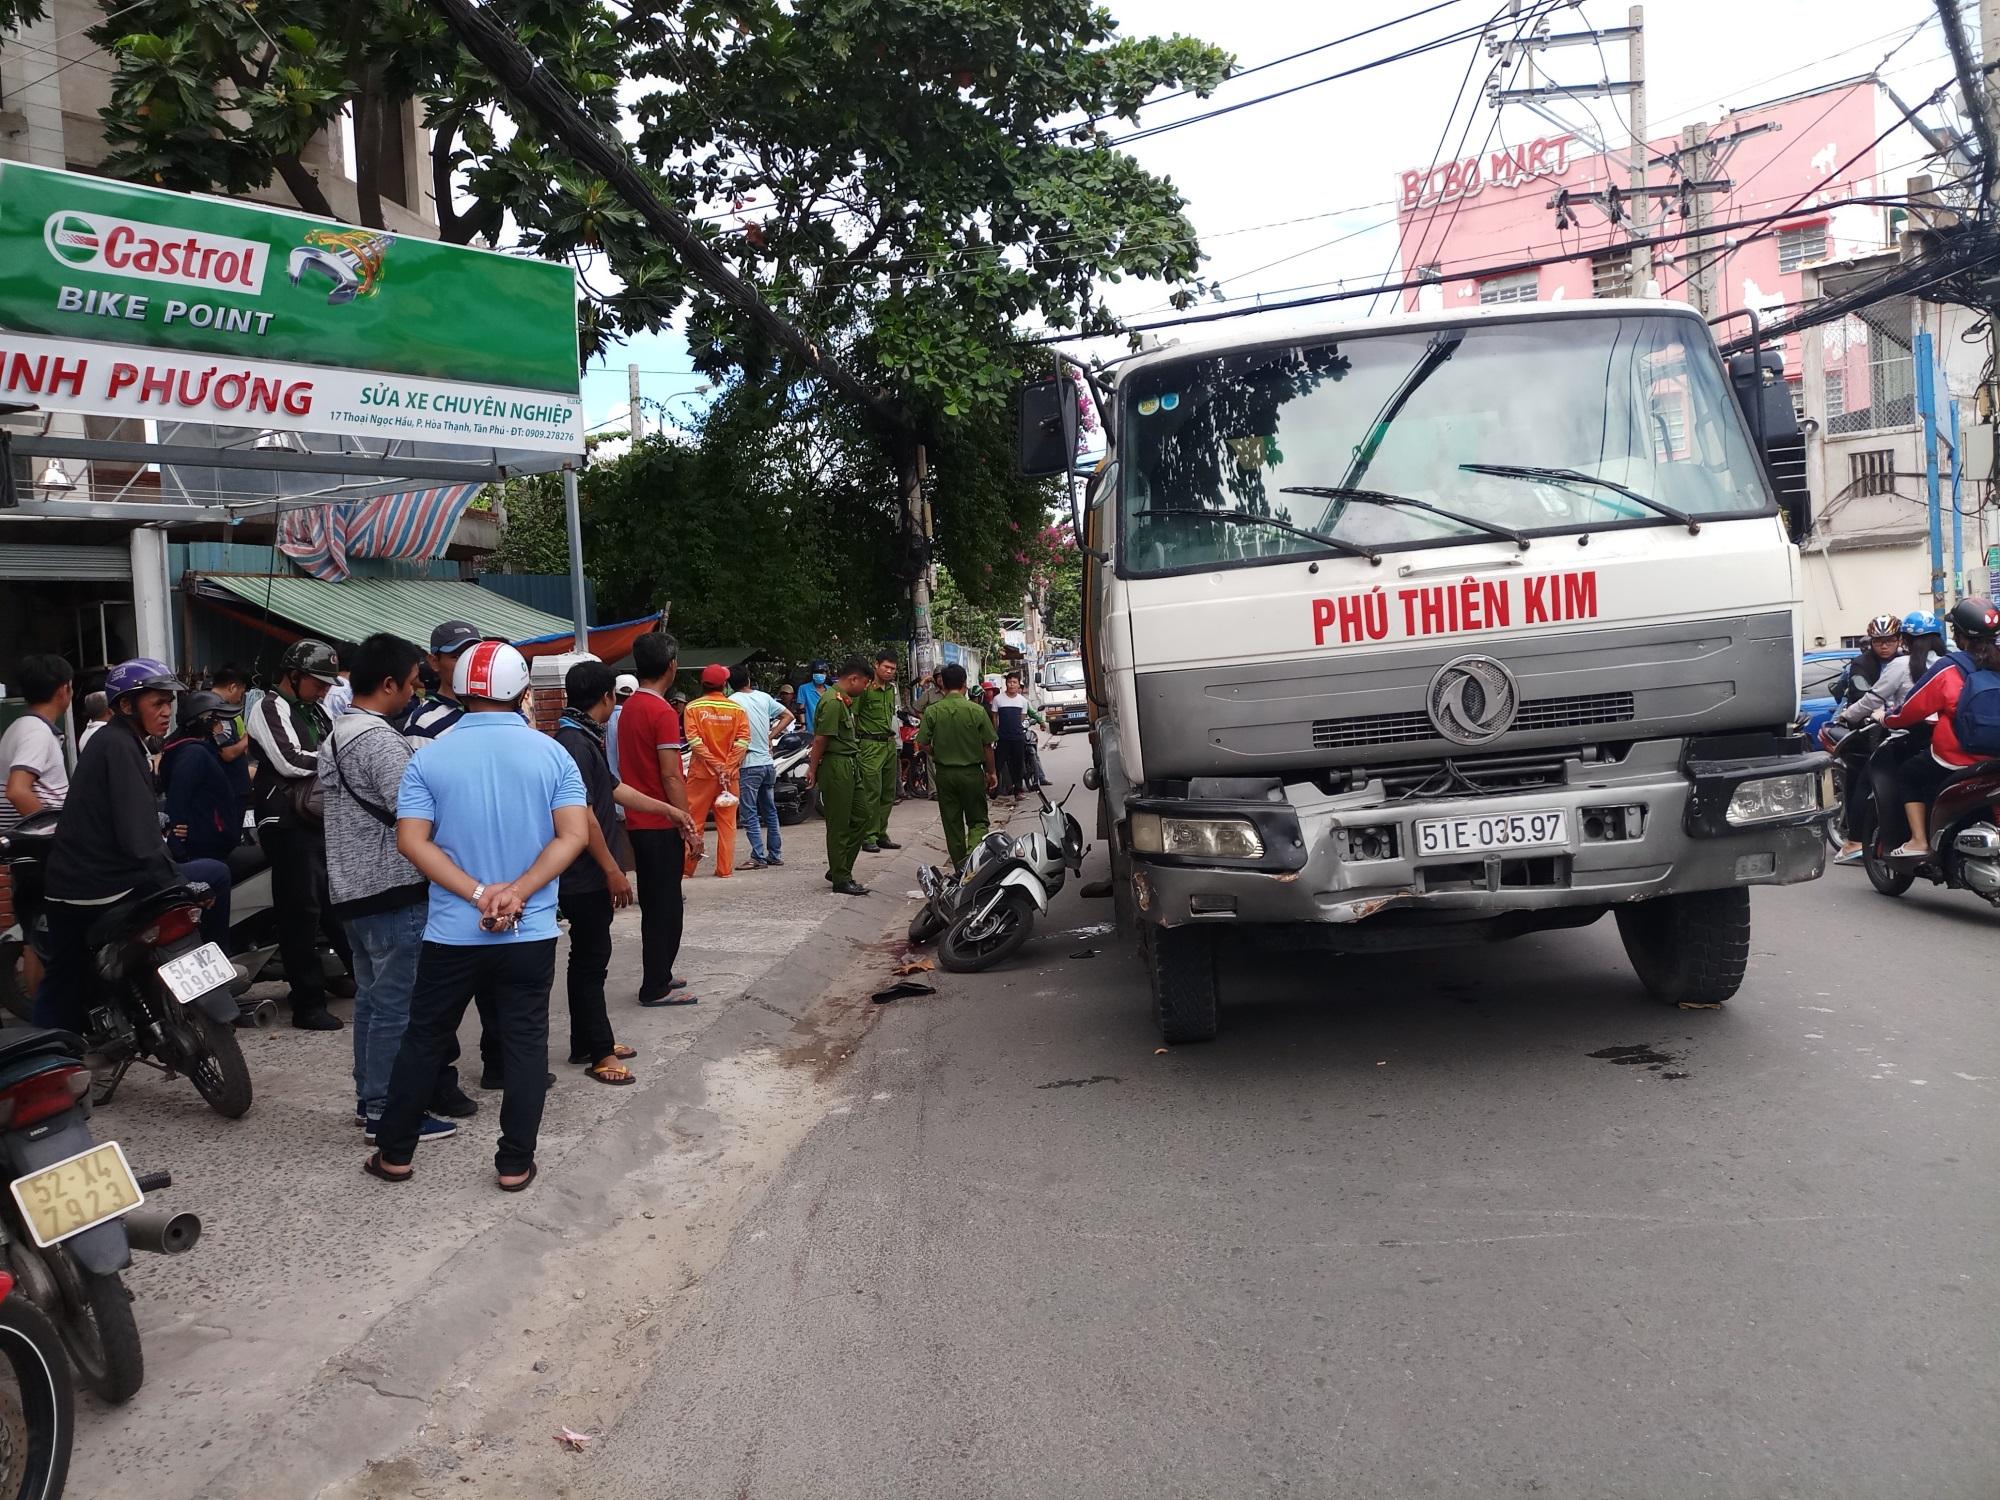 Xe máy va chạm với xe chở vật liệu xây dựng, một người nguy kịch - Ảnh 1